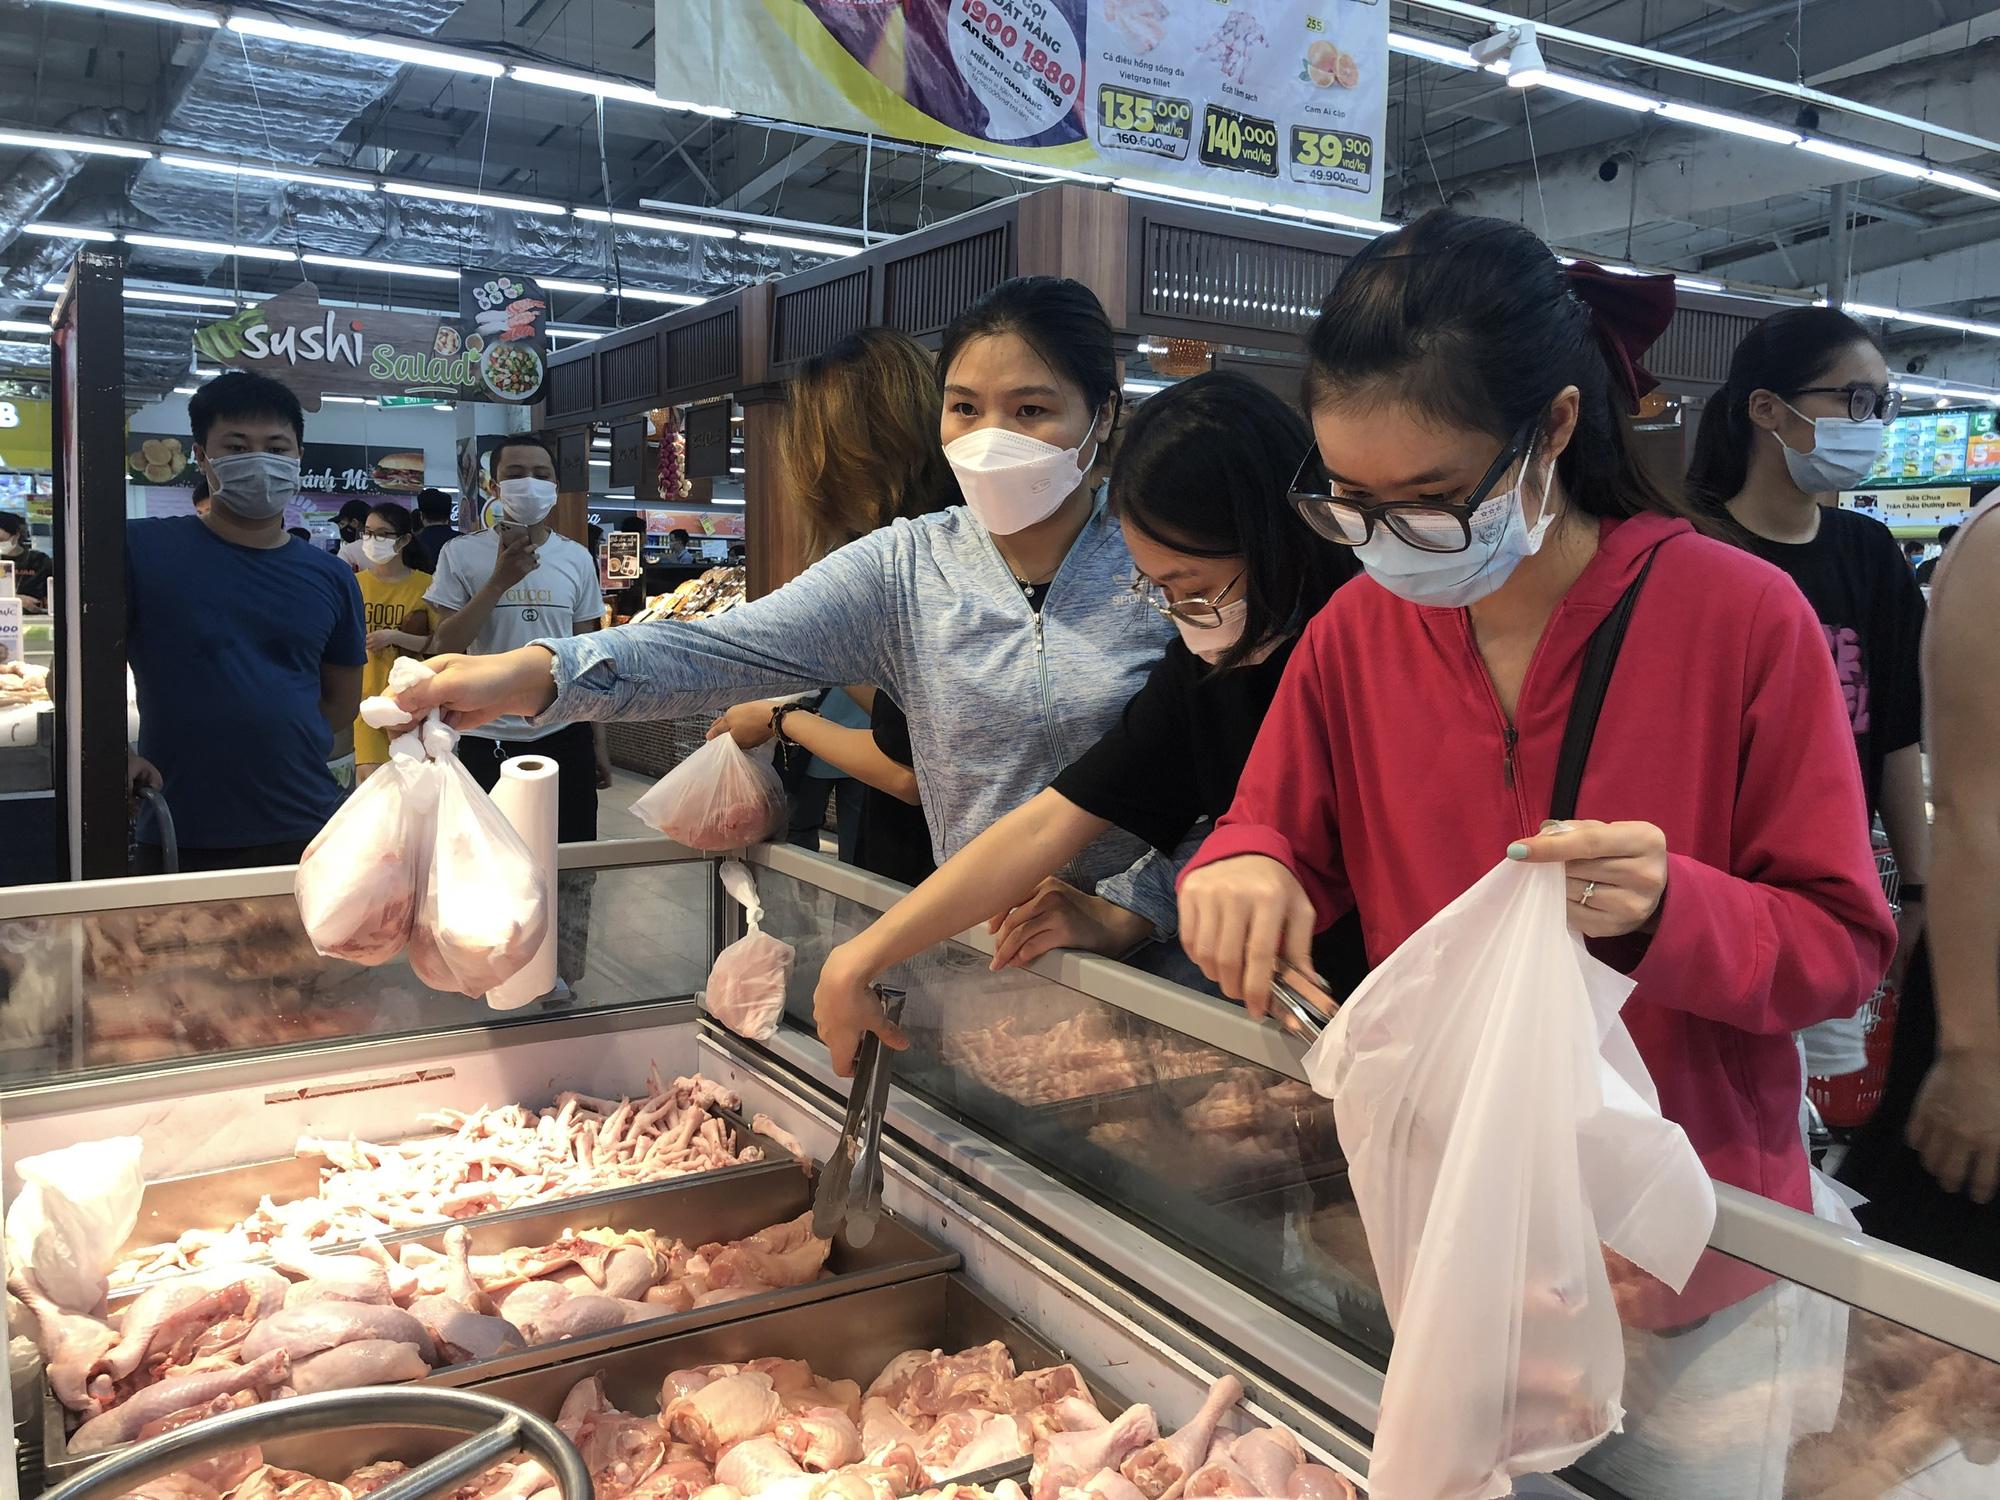 Quy mô đàn heo của Việt Nam lớn thứ 6 thế giới, tại sao nhập khẩu thịt heo vẫn tăng 400%? - Ảnh 1.